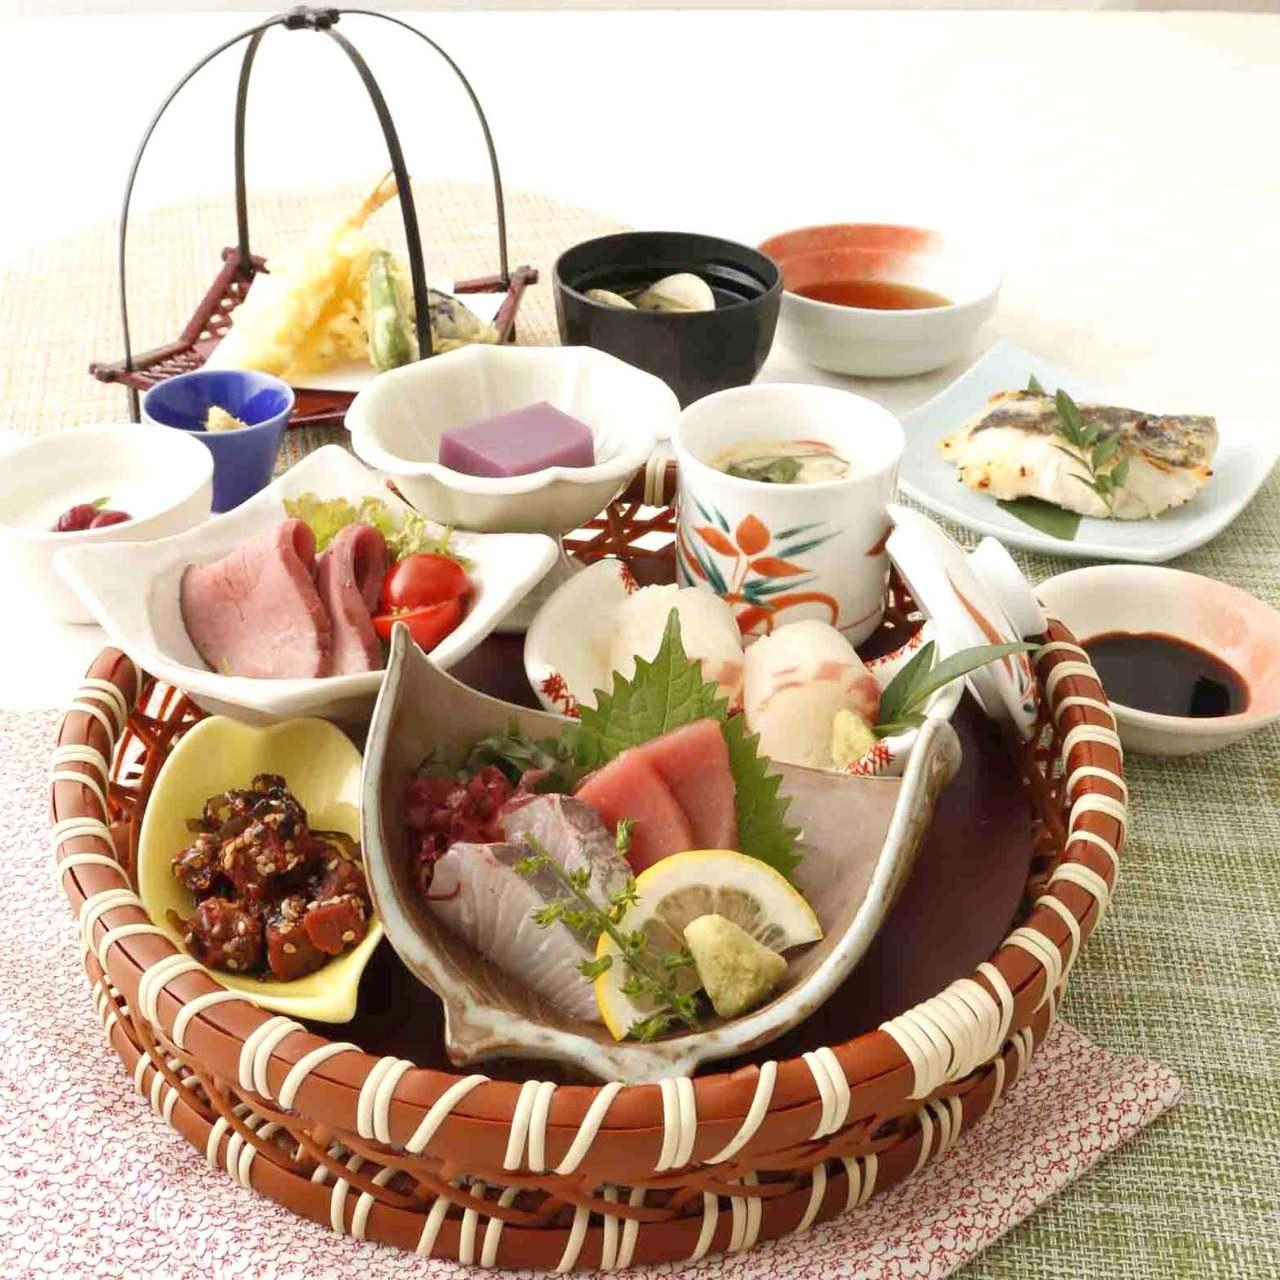 ●すみれ【料理9品】はなの屋名物!刺身・ローストビーフ・寿司も堪能出来る篭盛り御膳コース♪